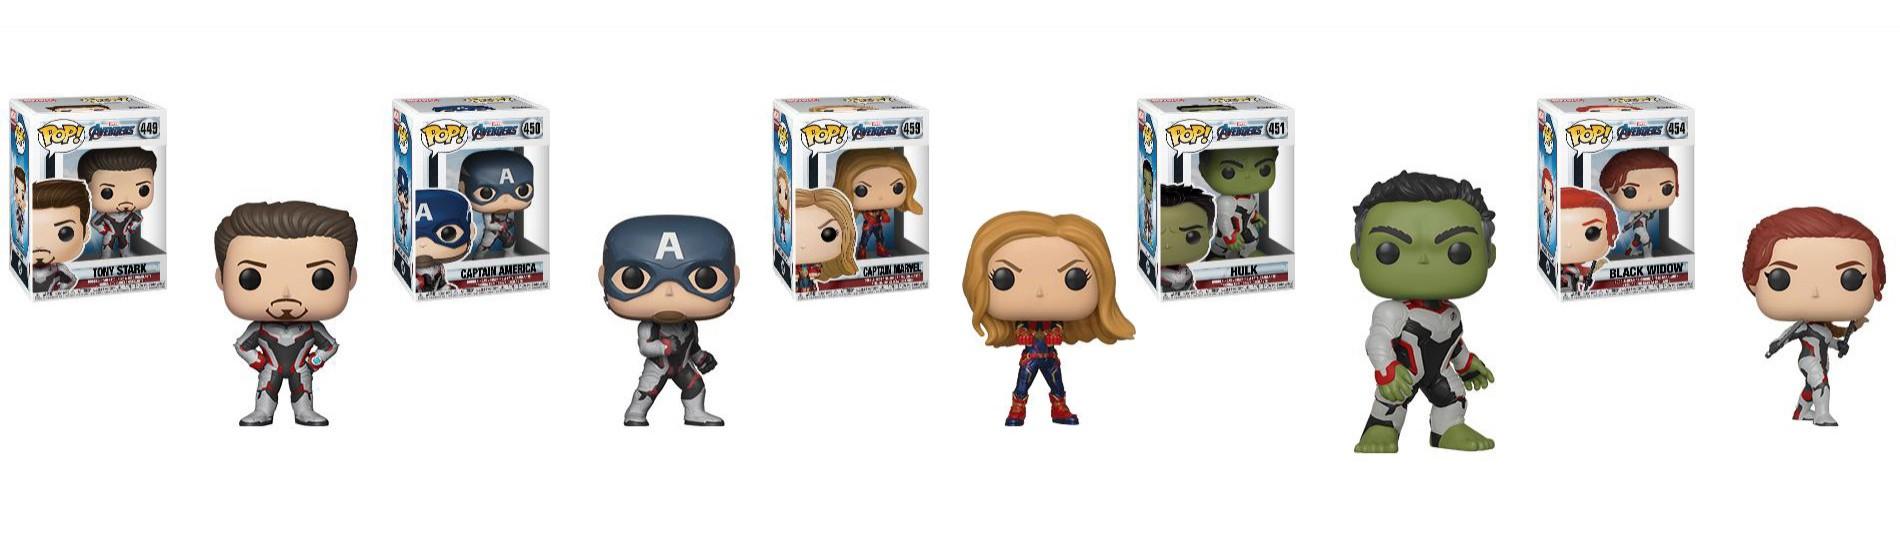 Avengers: Endgame Funko